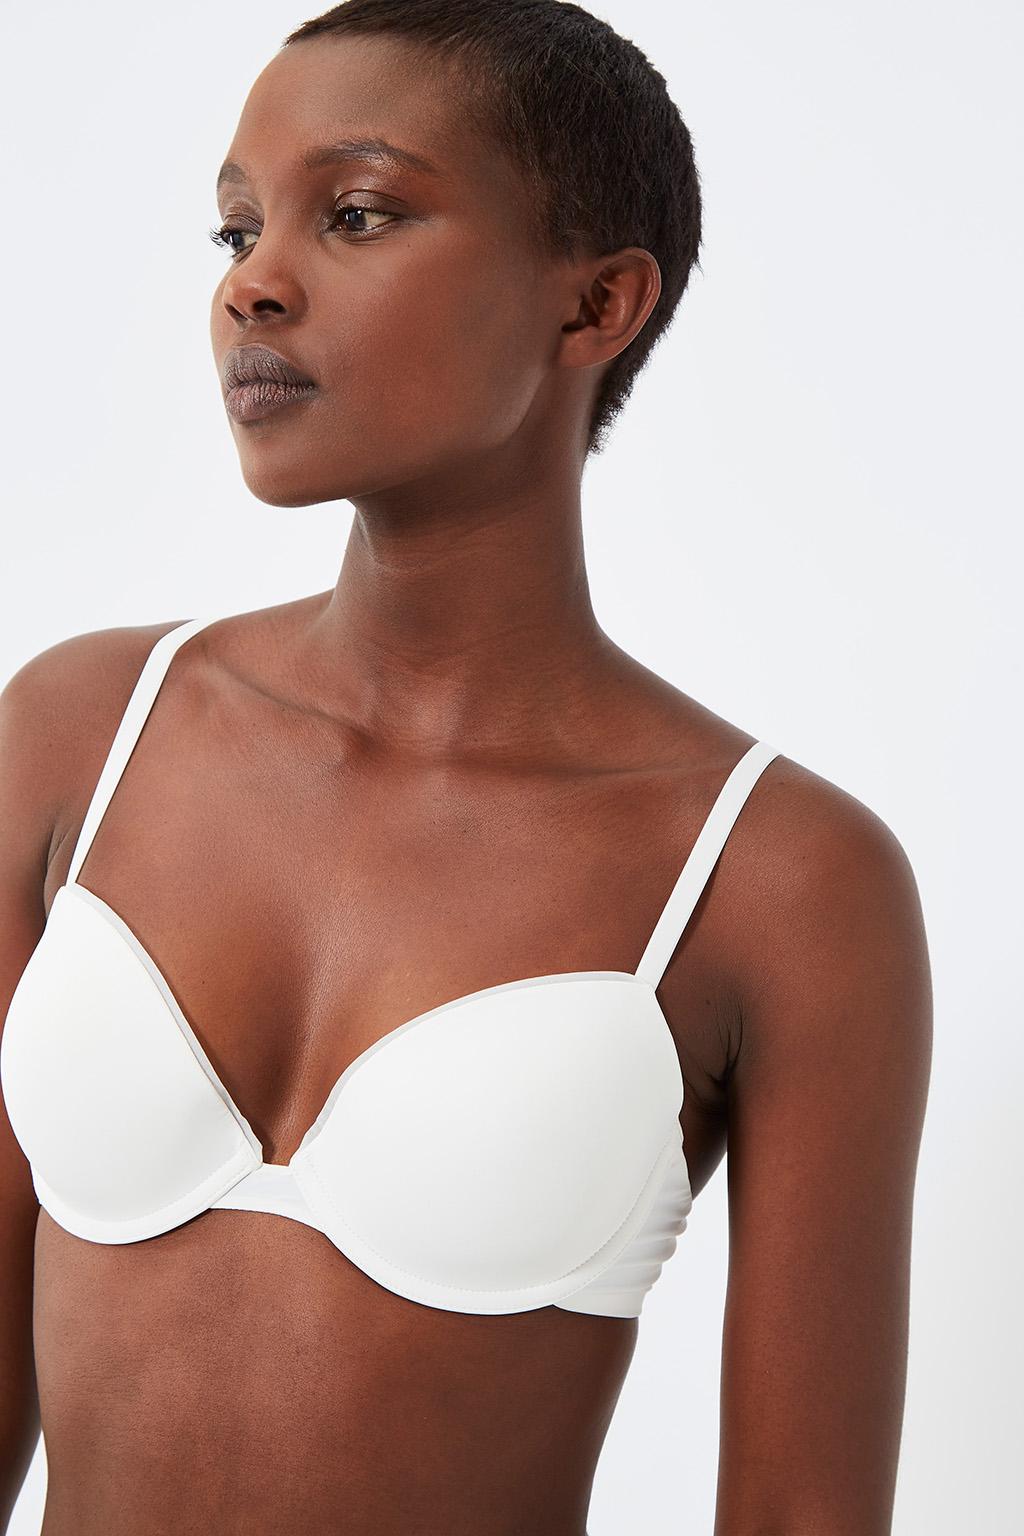 Vente privée femme Oysho lingerie, homewear et sport, soutien-gorge ampliforme blanc